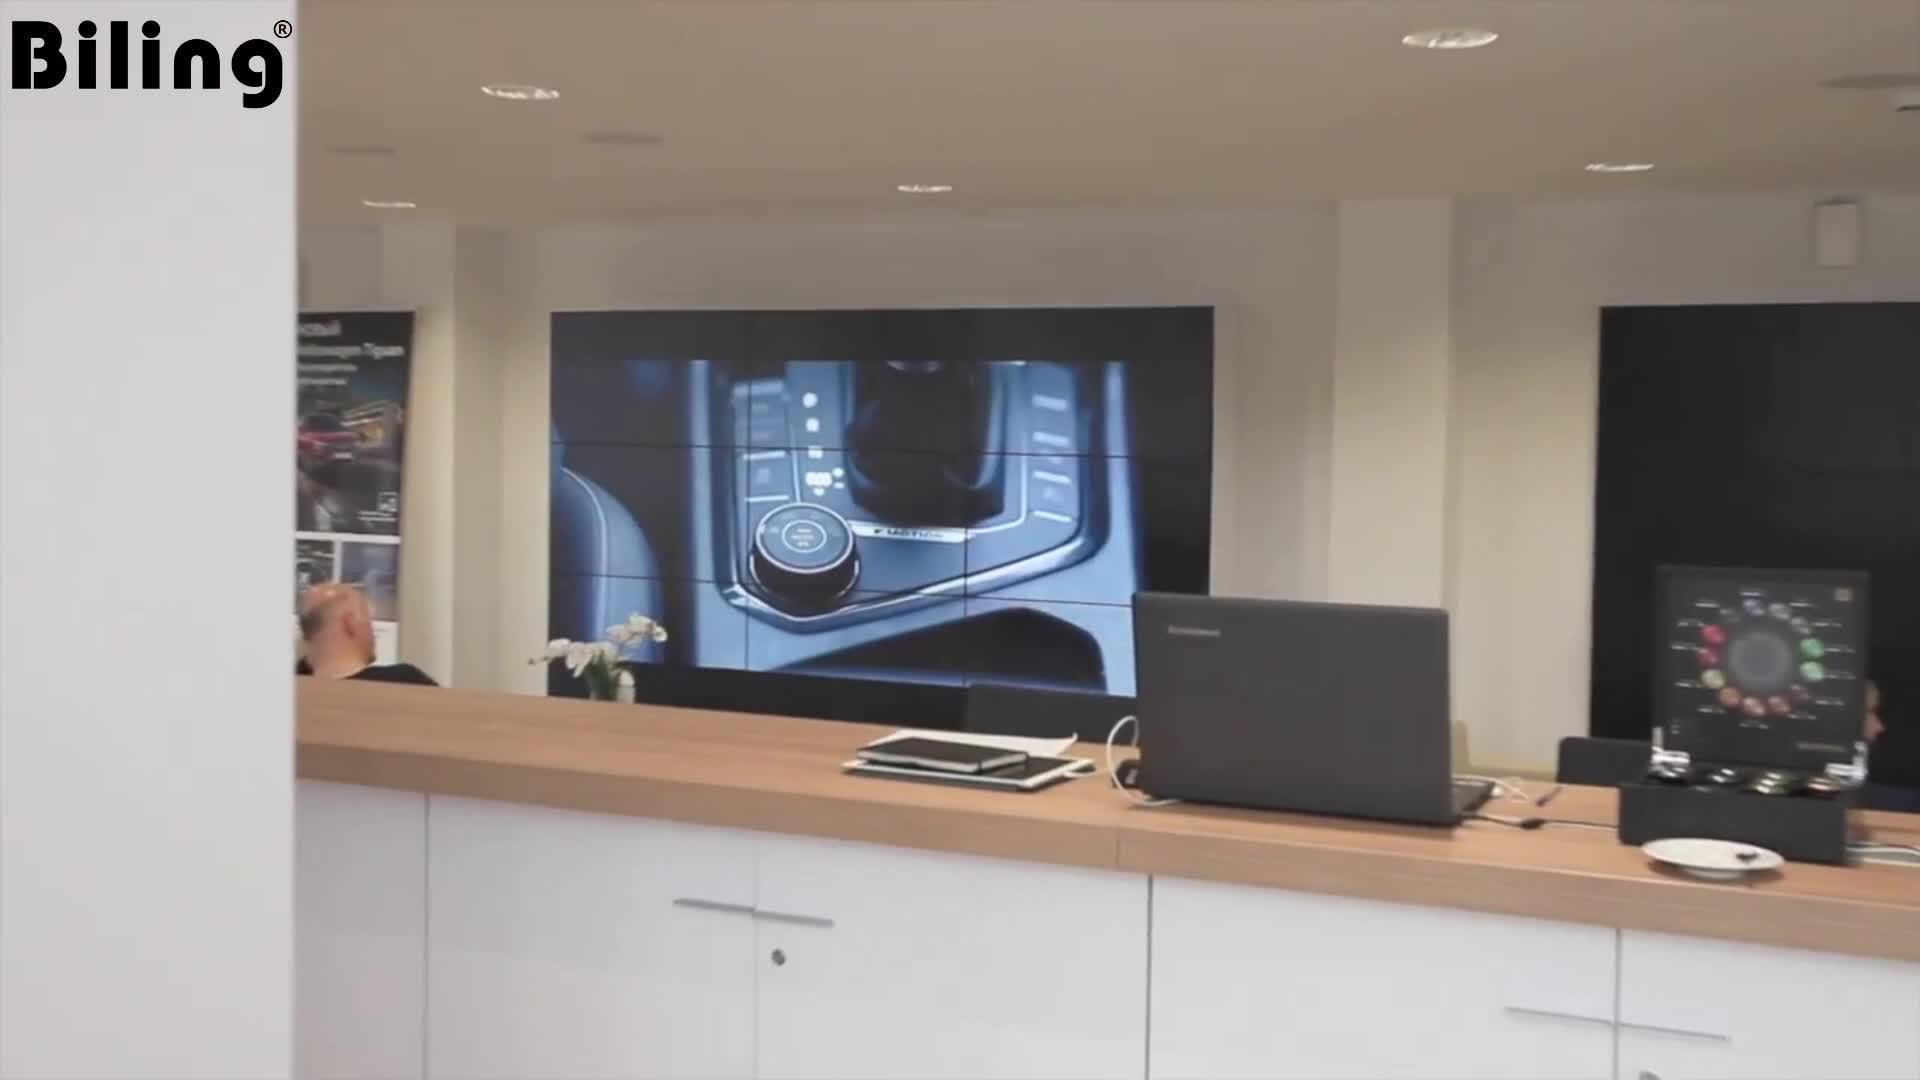 46인치 비디오 월 컨트롤러 LED 비디오 월 패널(홍보용 임대 이벤트 HD 비디오 대형 대형 광고 LED TV 월